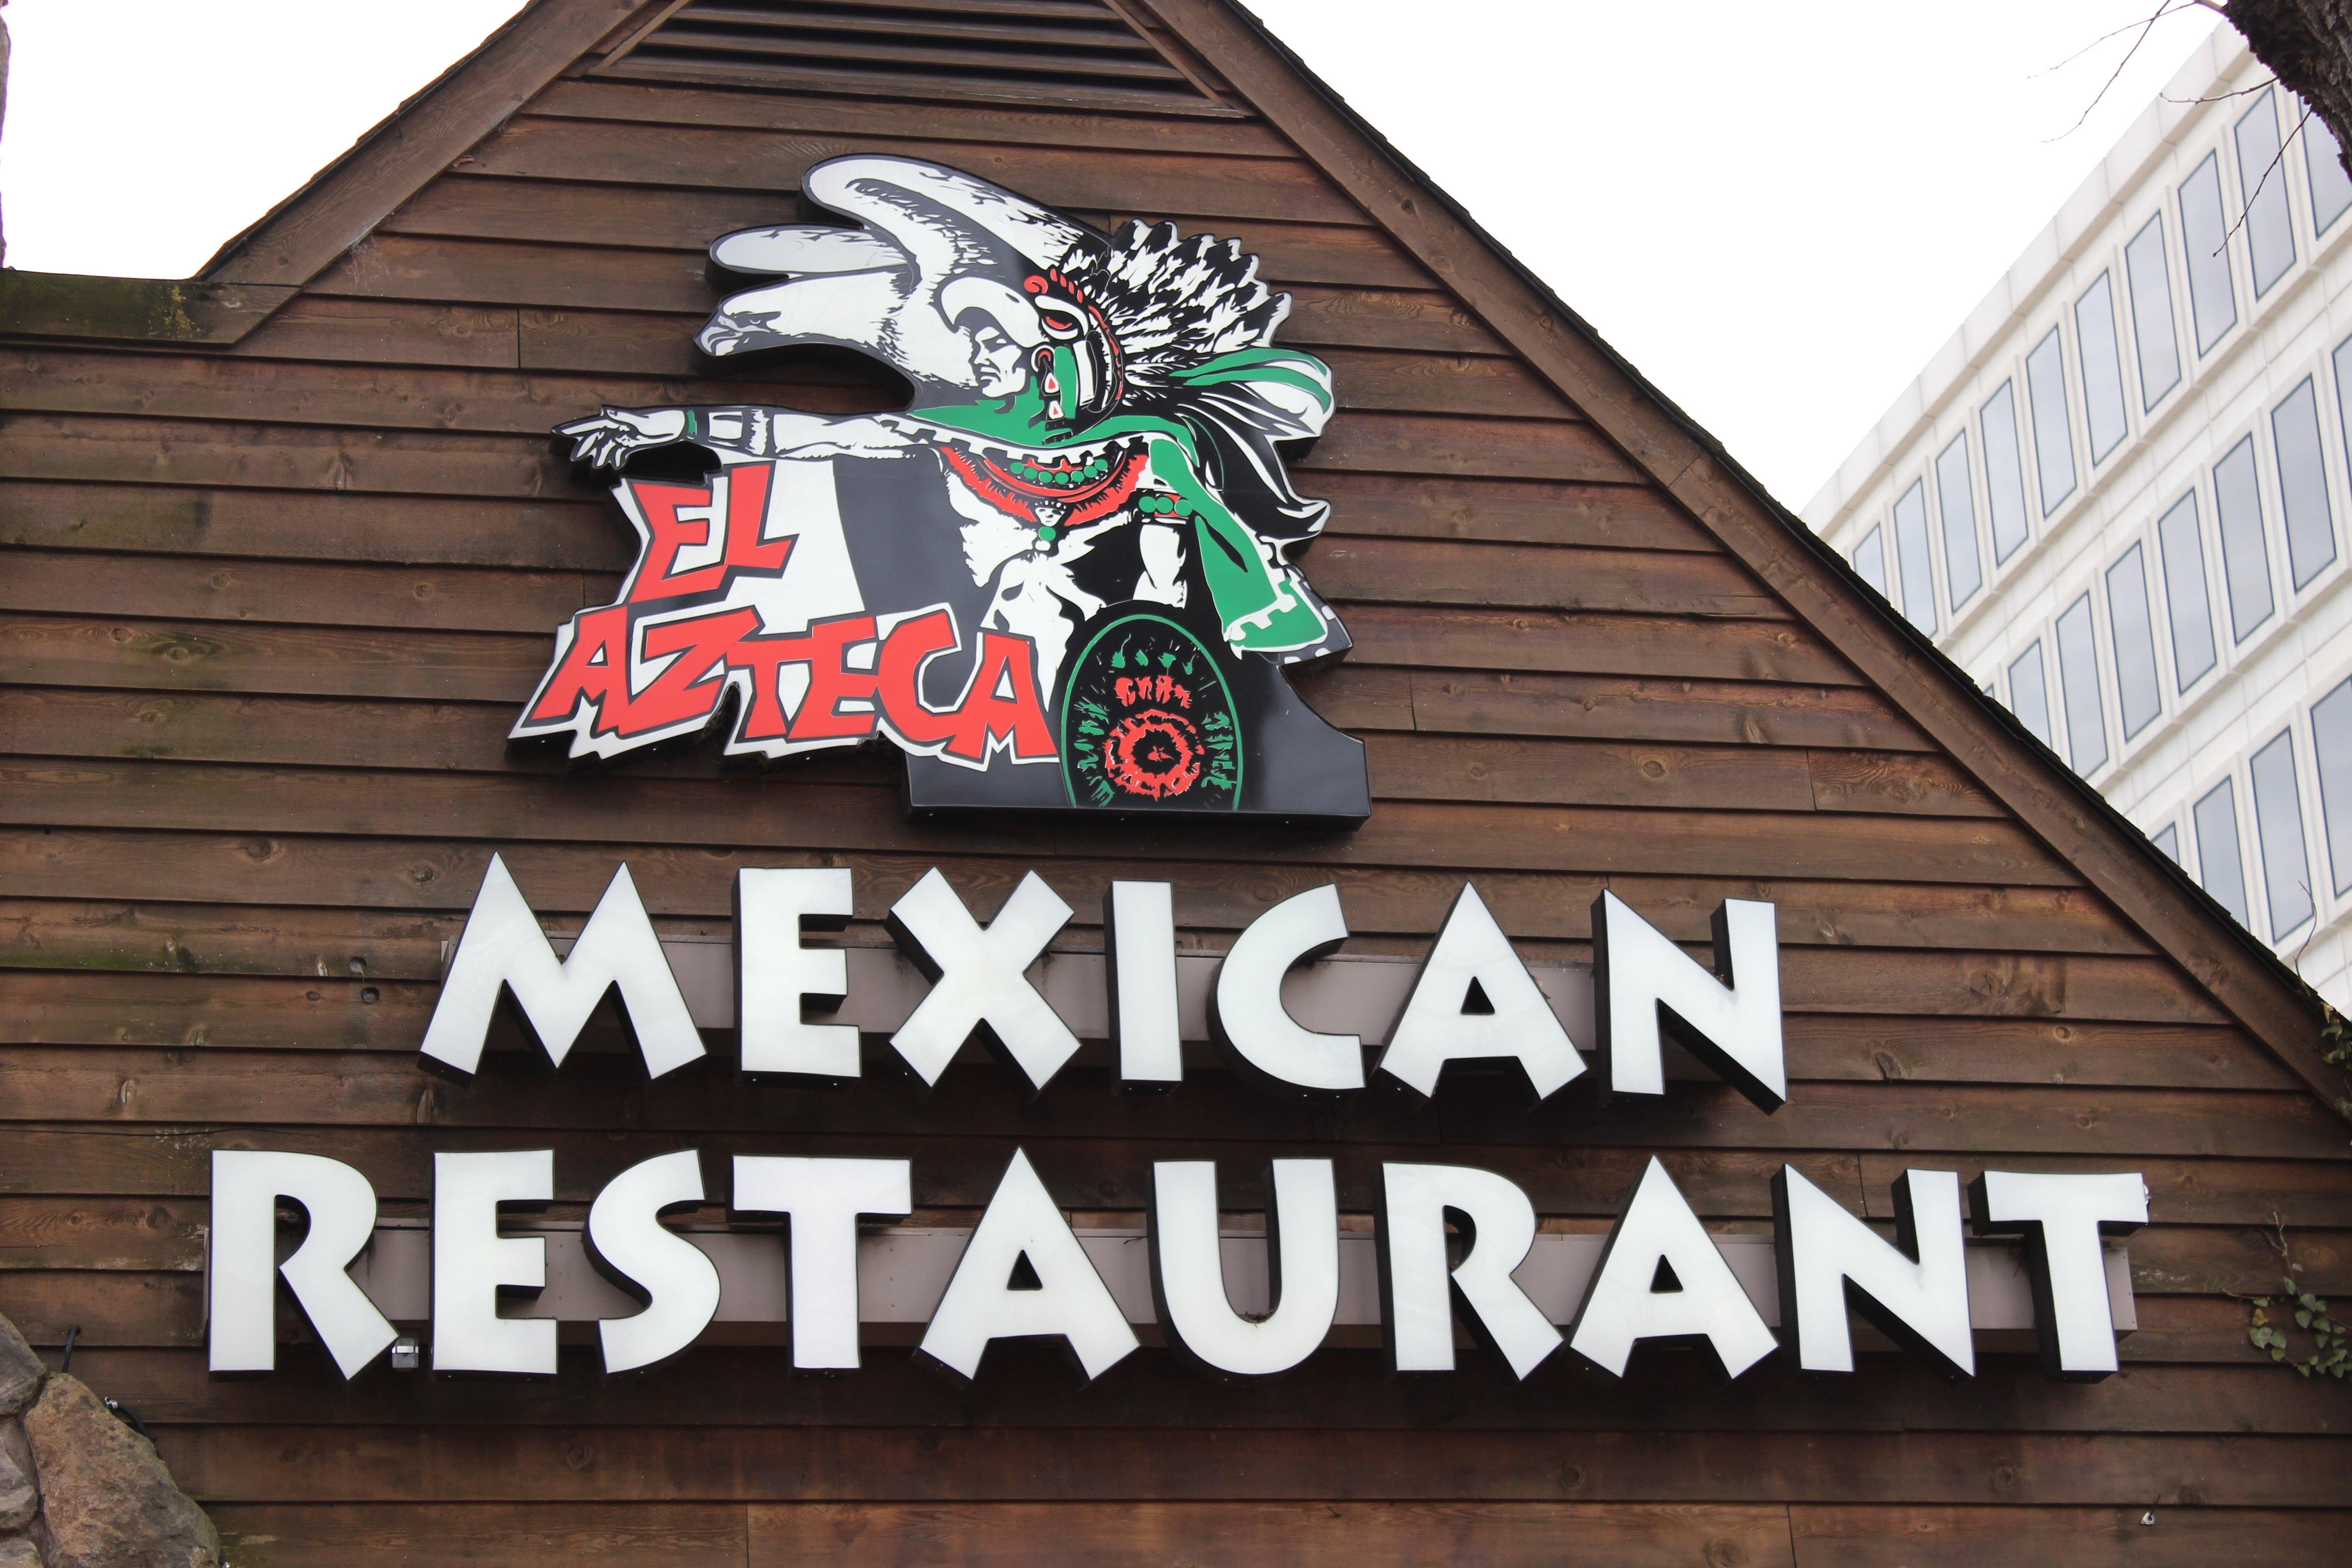 El Azteca Mexican Restaurant Buckhead Dunwoody